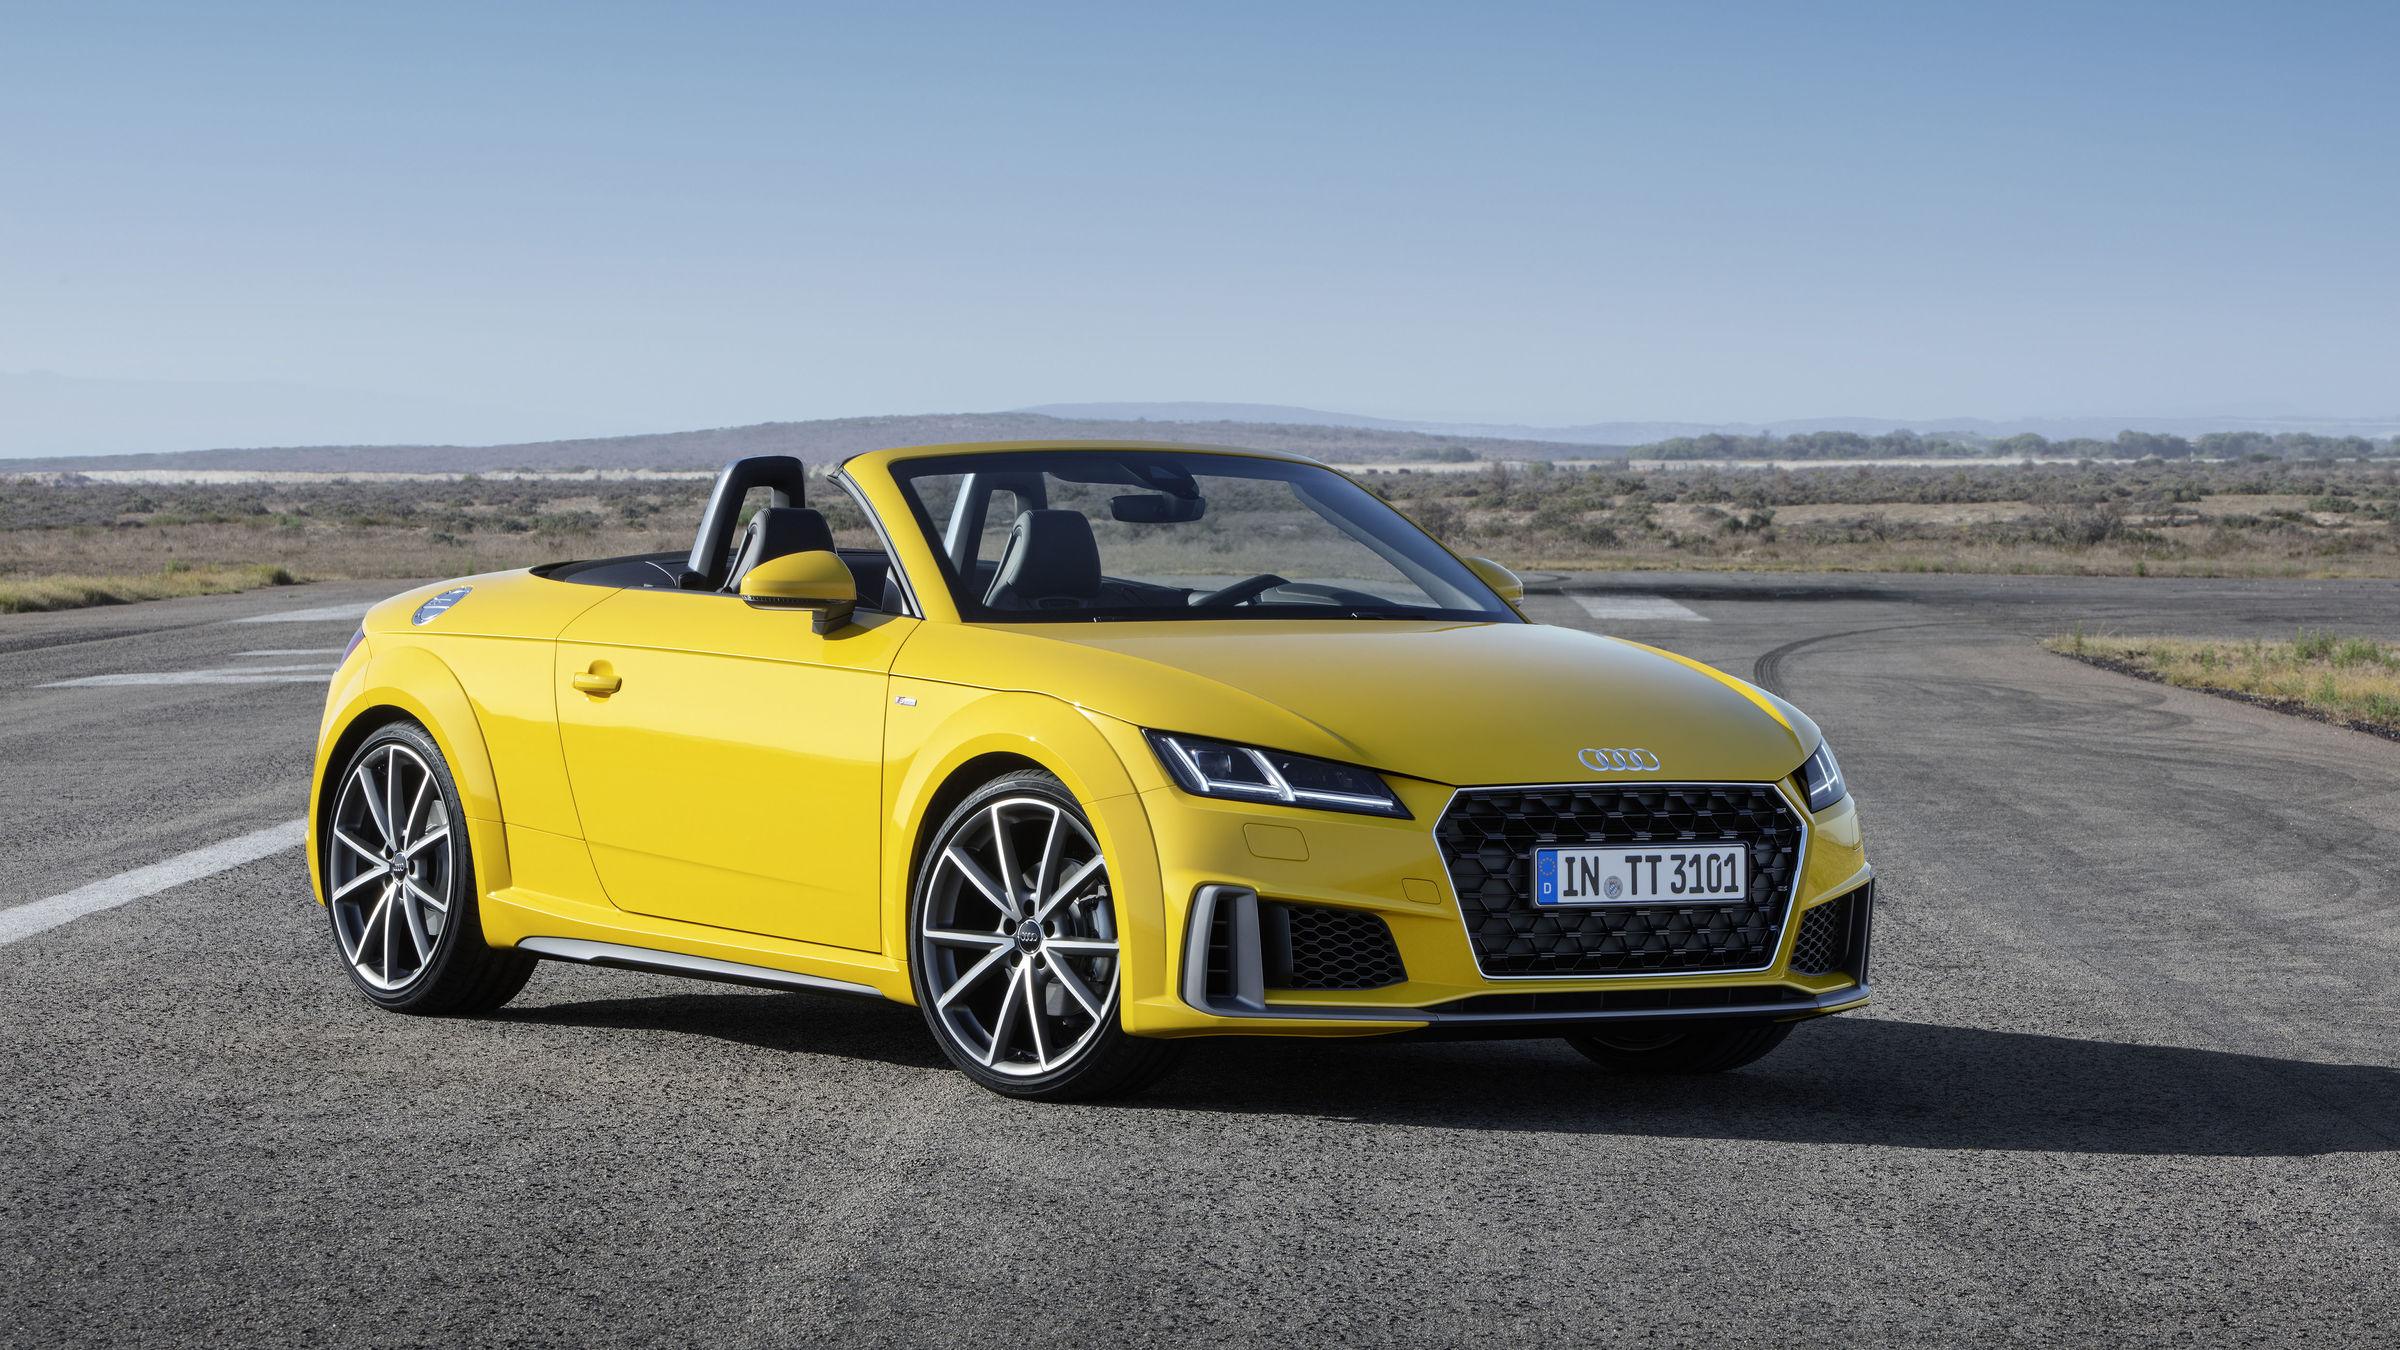 Kelebihan Audi Tt Roadster Perbandingan Harga